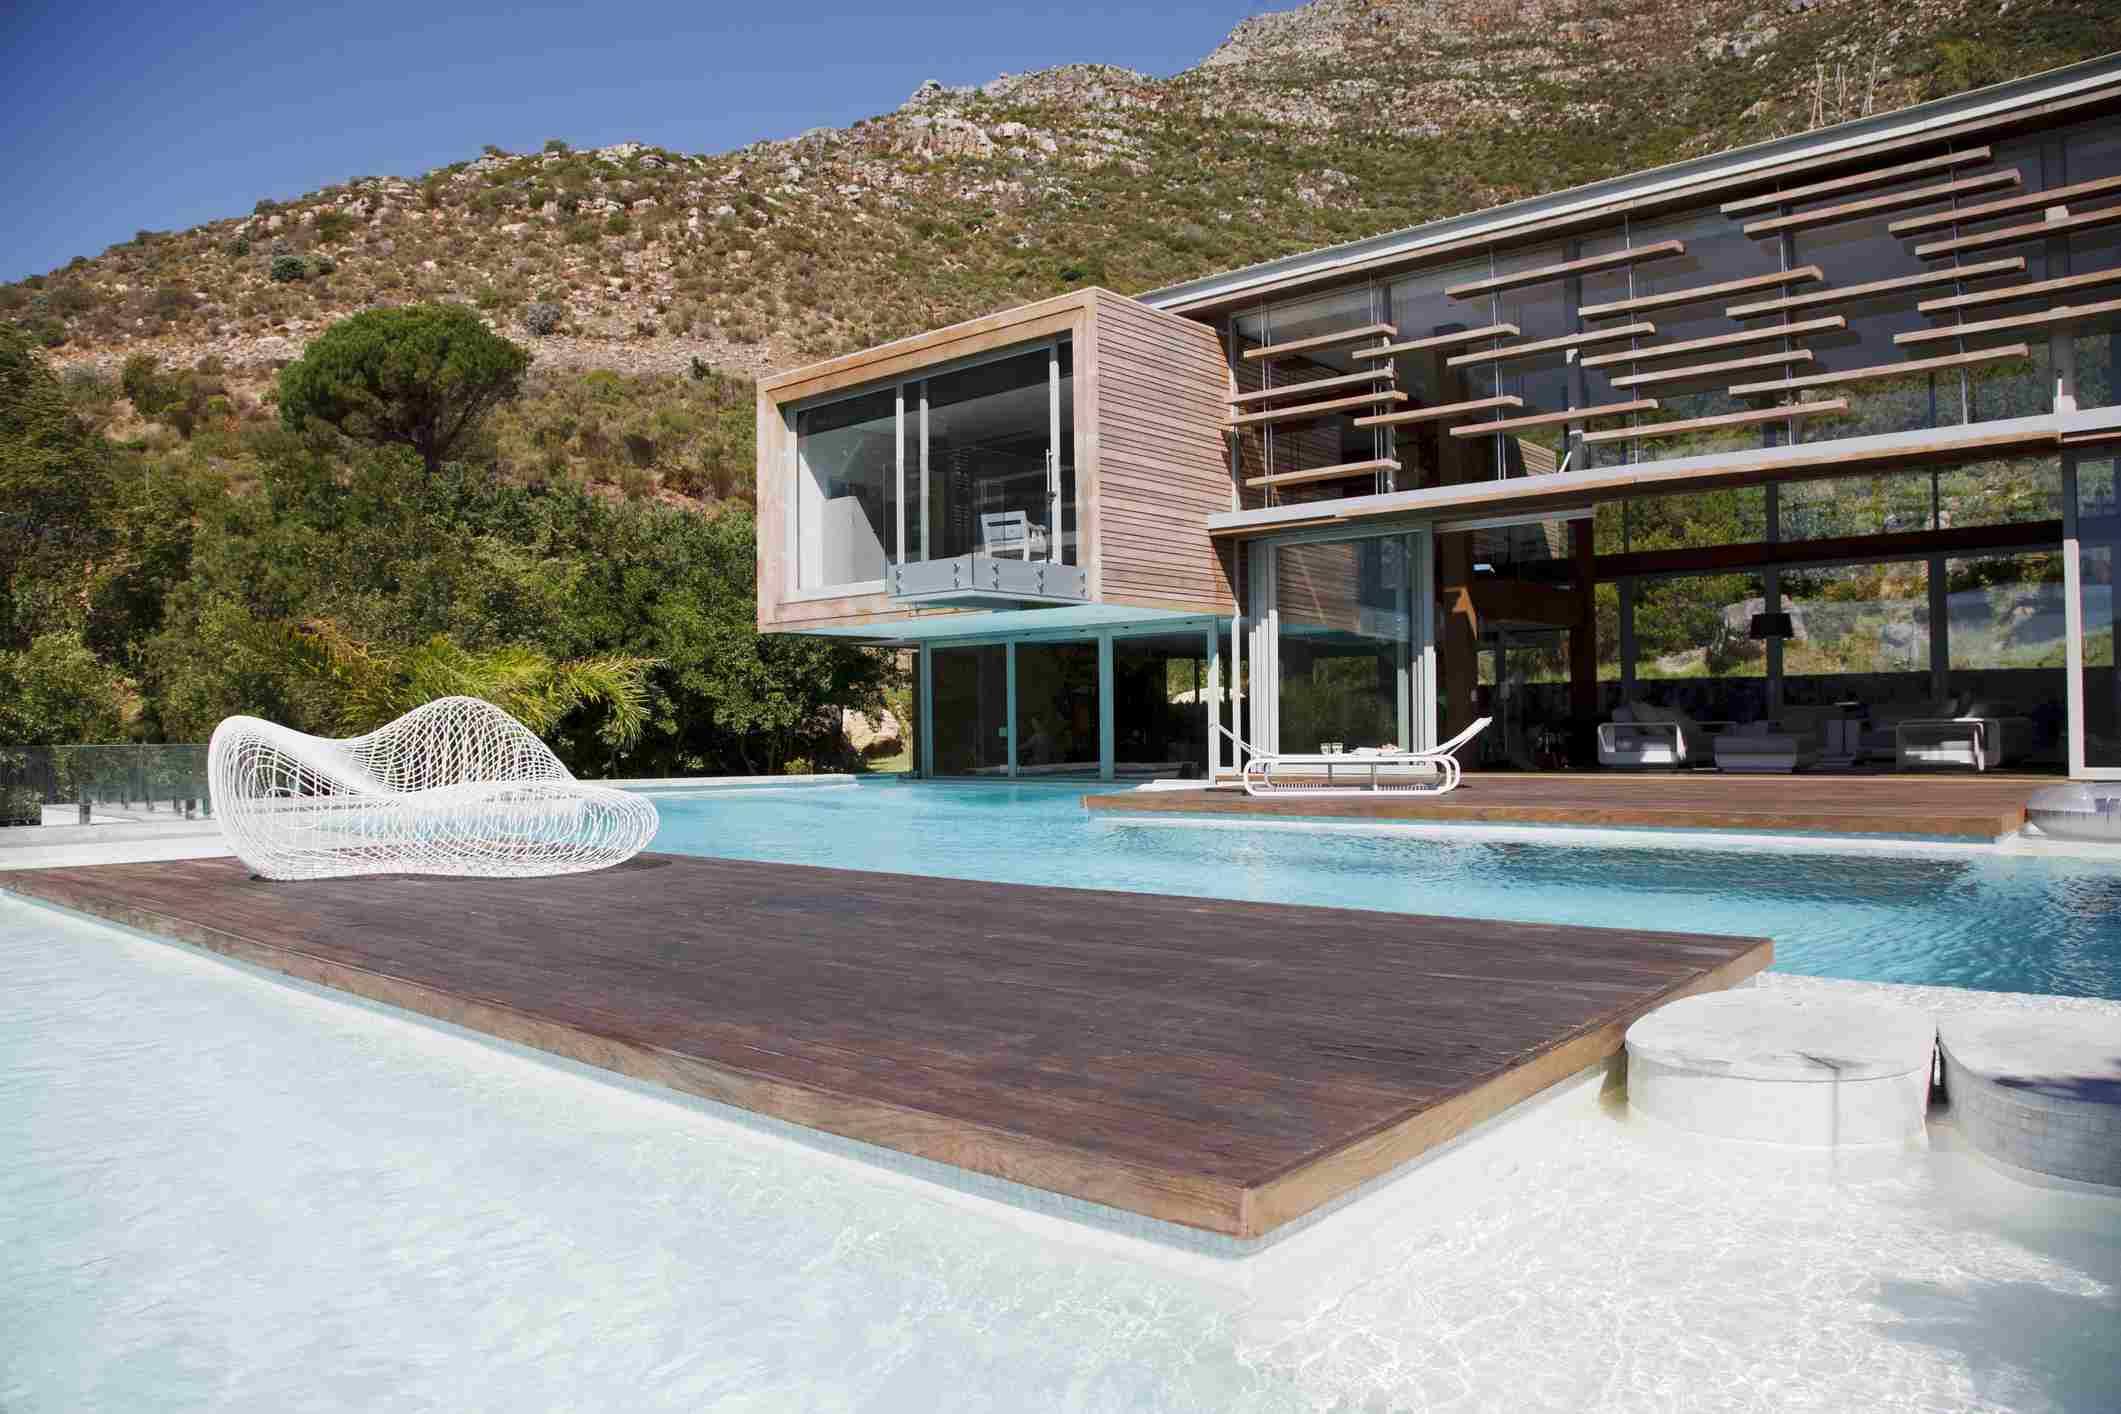 Una piscina moderna con casa moderna cerca de las montañas